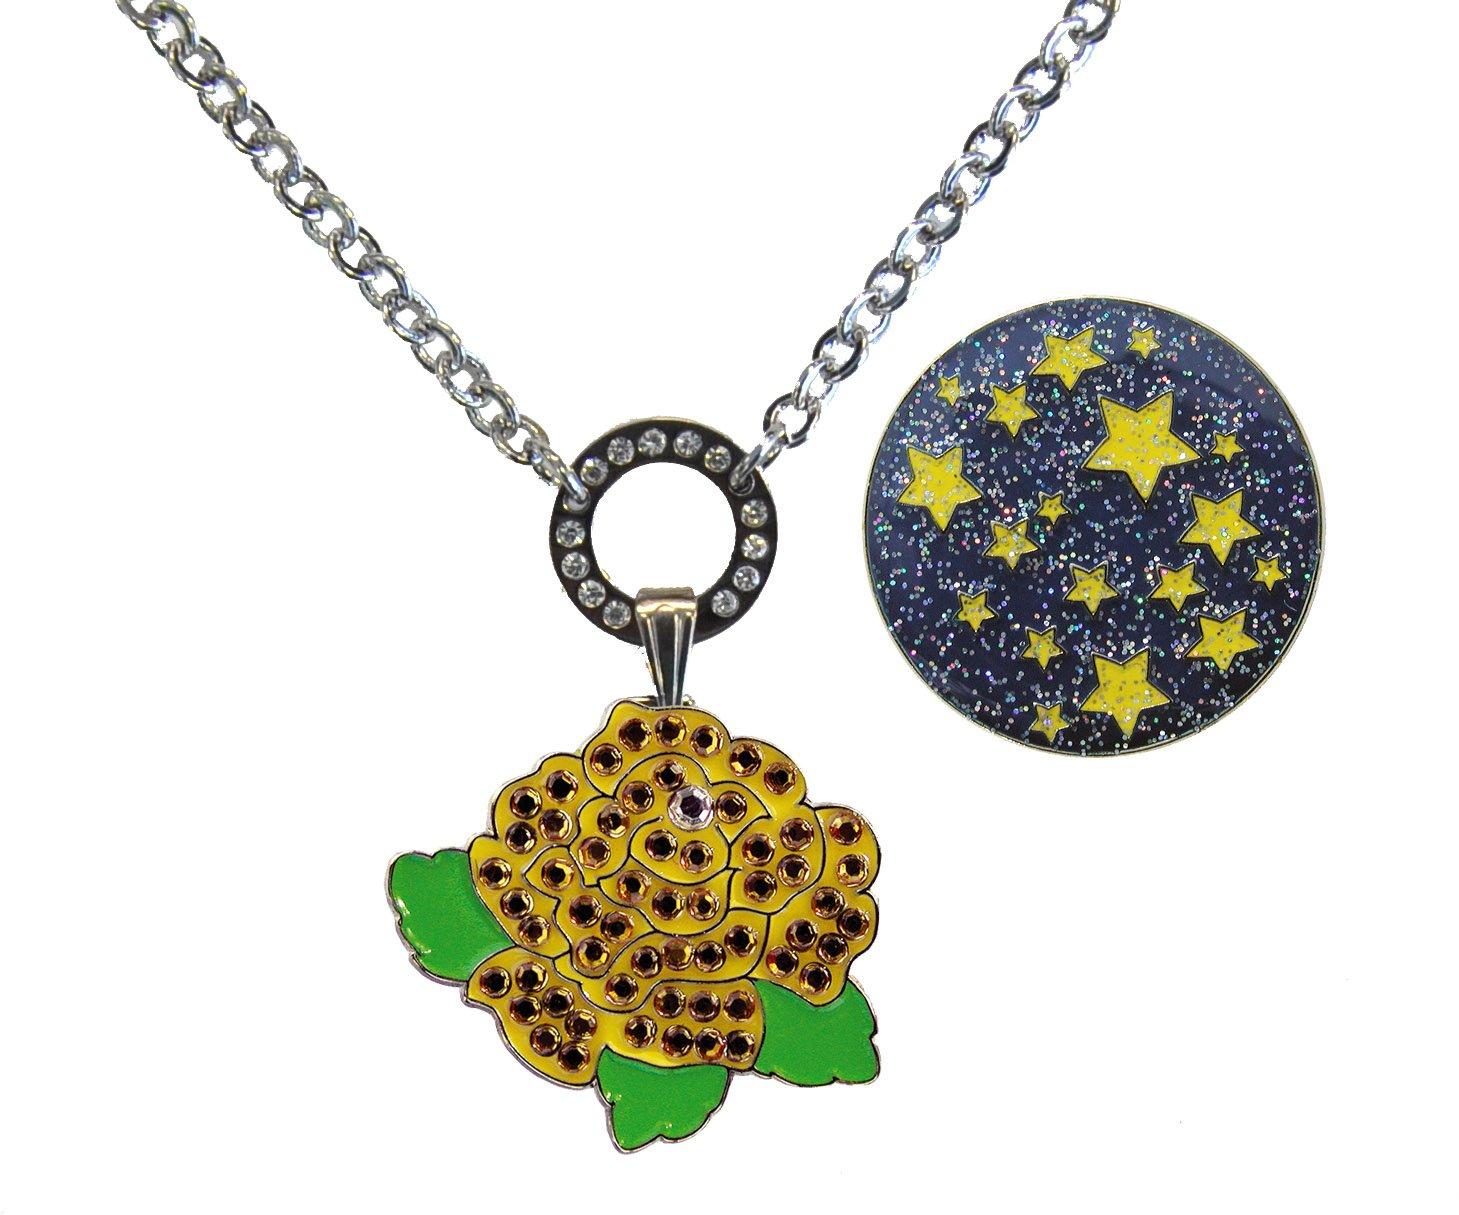 磁気ネックレス、スワロフスキークリスタルイエローローズとGlitzy Starry Nightボールマーカー   B003OE9O88